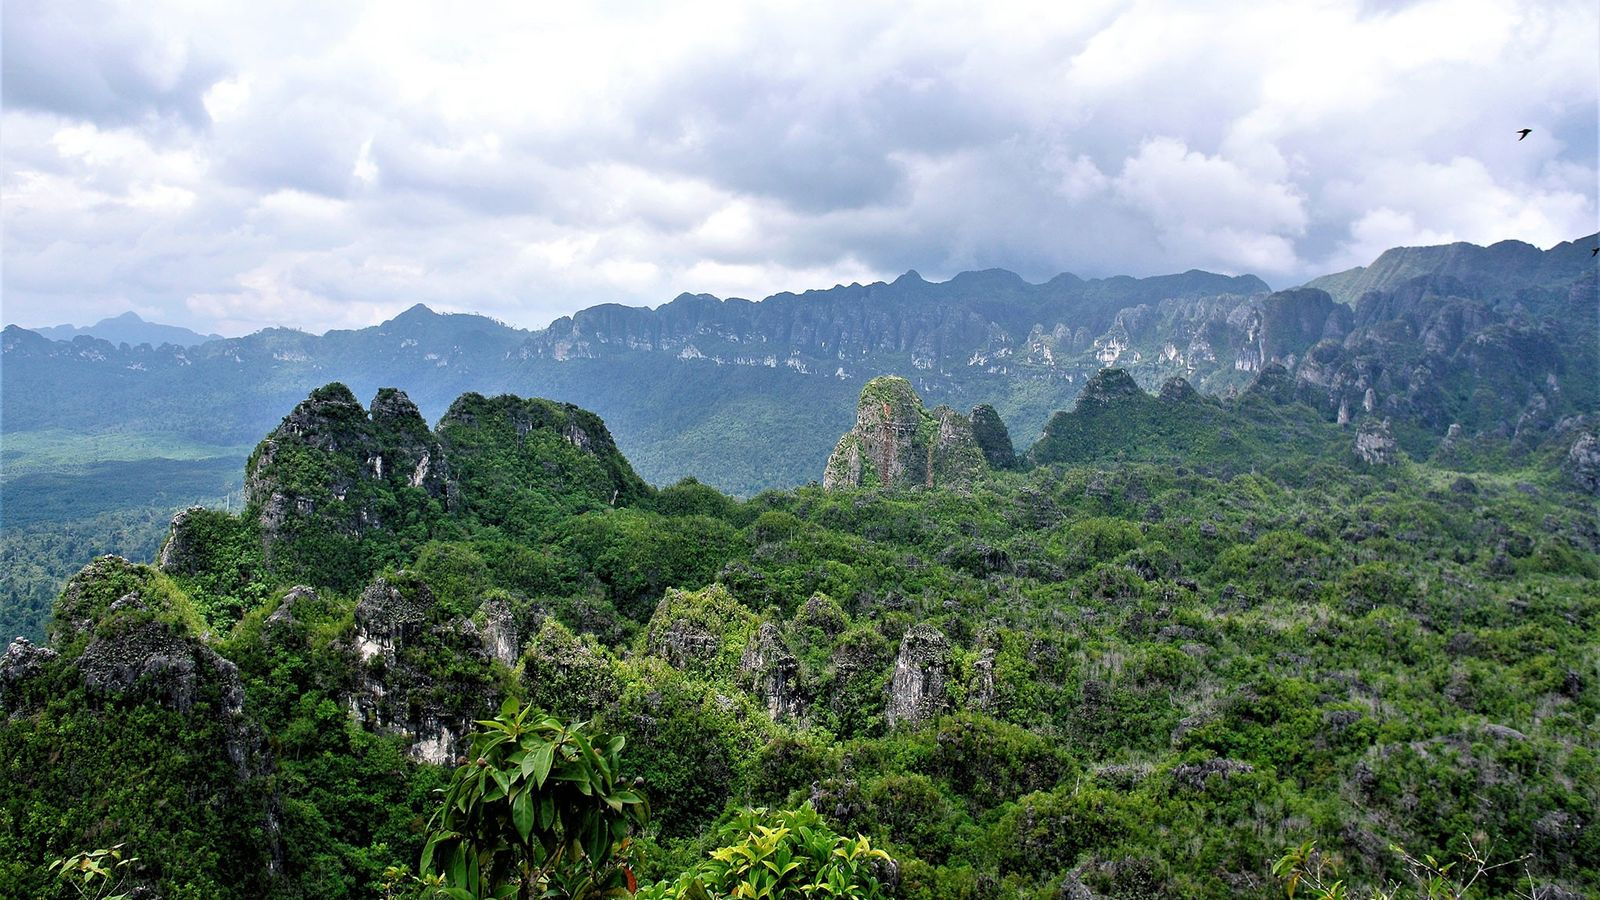 Uma galeria de arte rupestre antiga encontra-se nas cavernas de calcário na Kalimantan Oriental, Indonésia, na ...